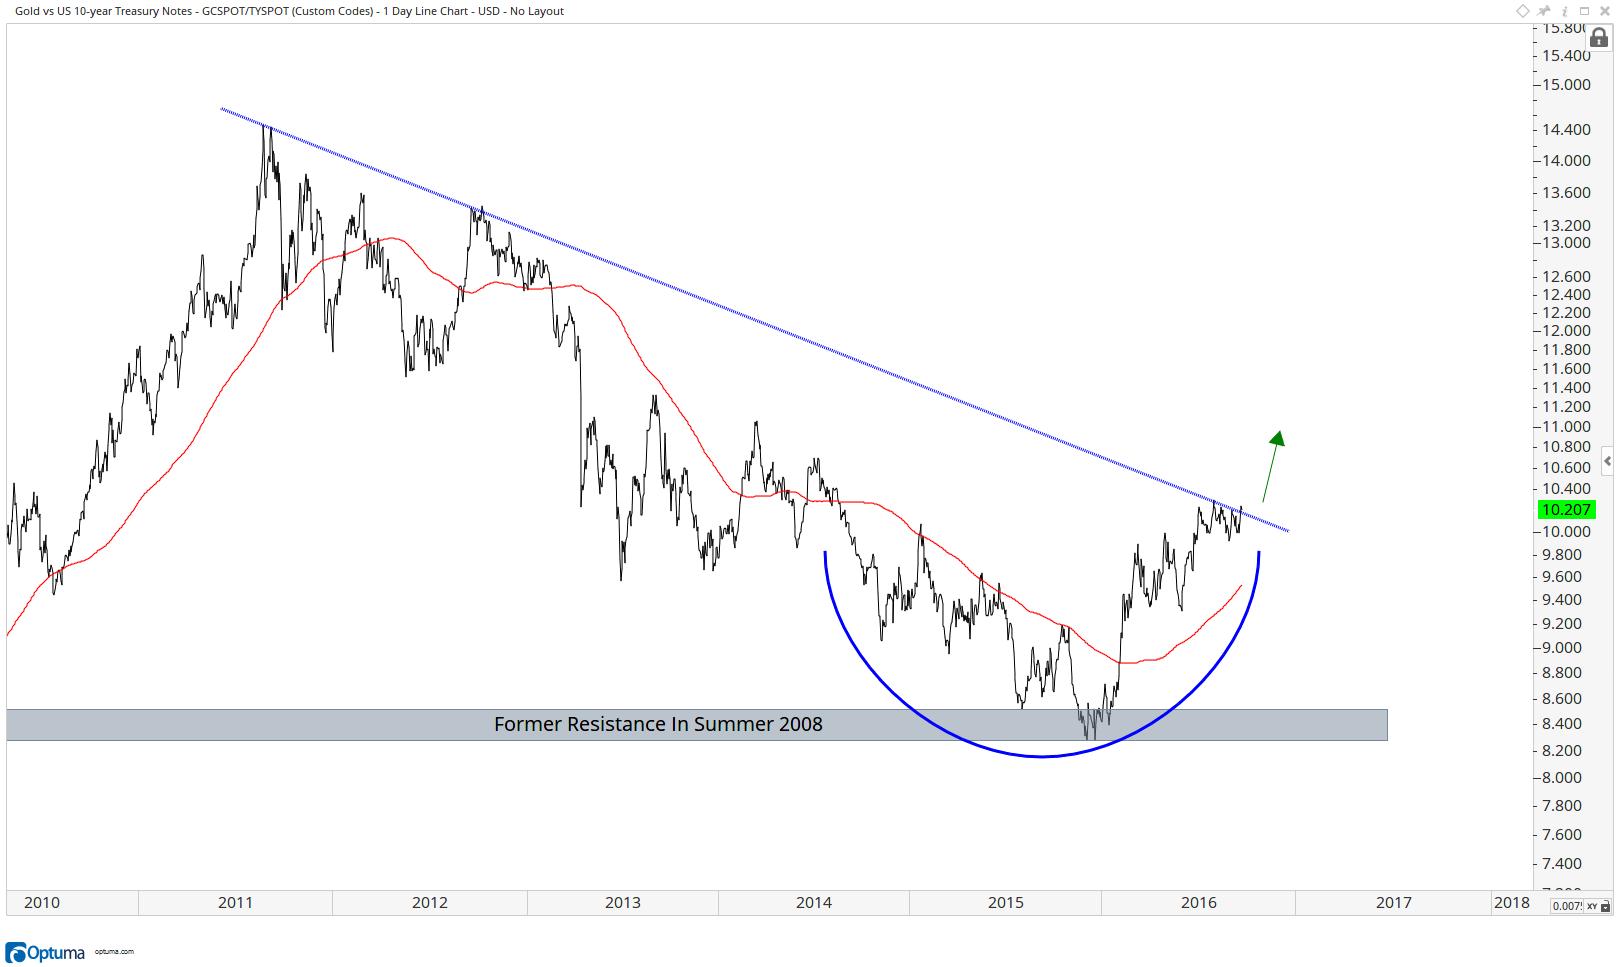 Gold vs U.S. Treasury Bonds -Futures- d